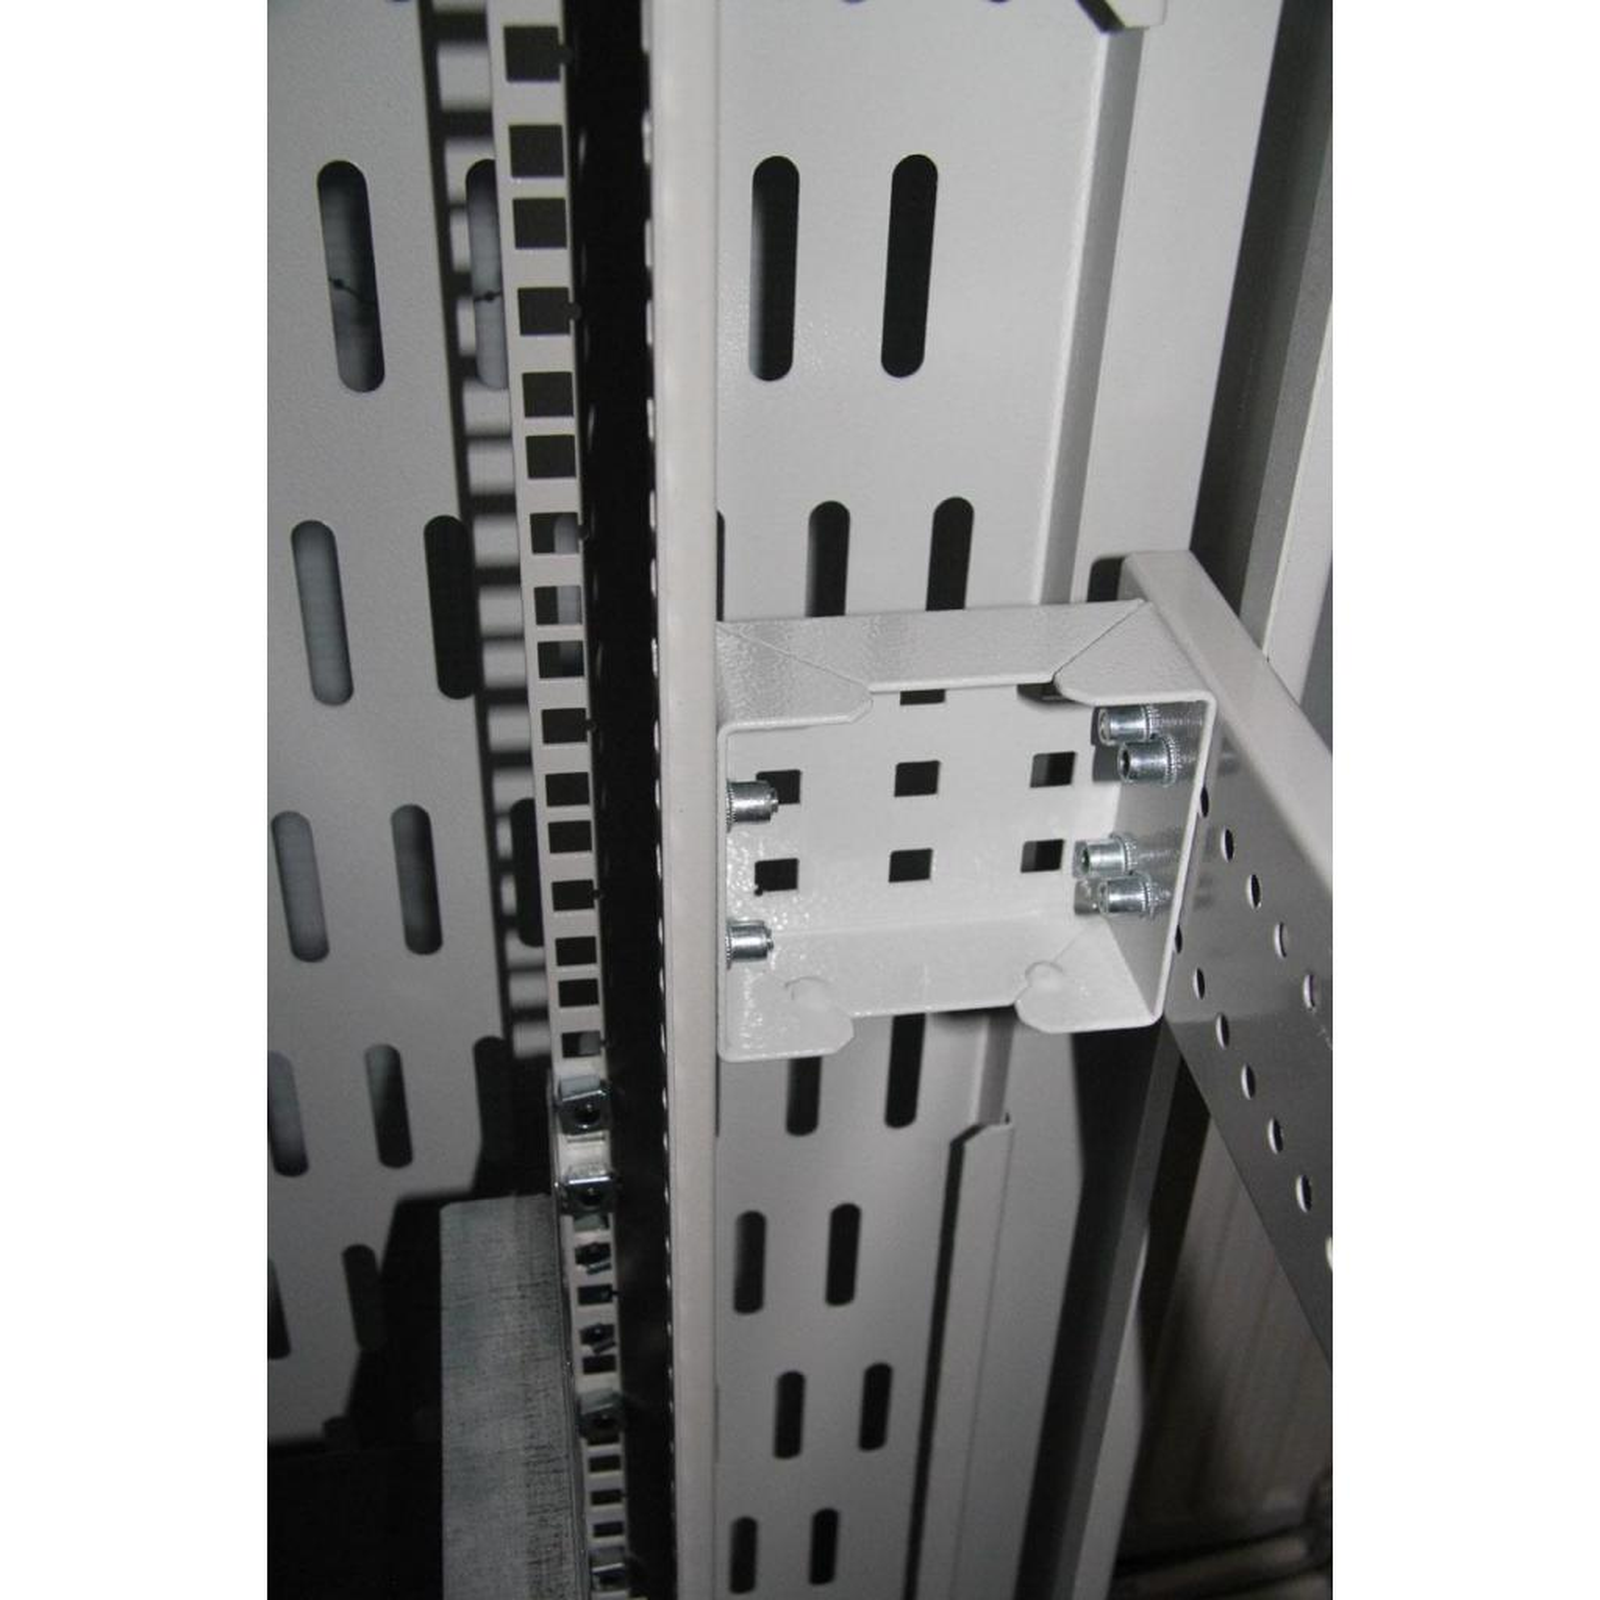 Шкаф напольный CSV 42U Rackmount 600x800 Glass изображение 6